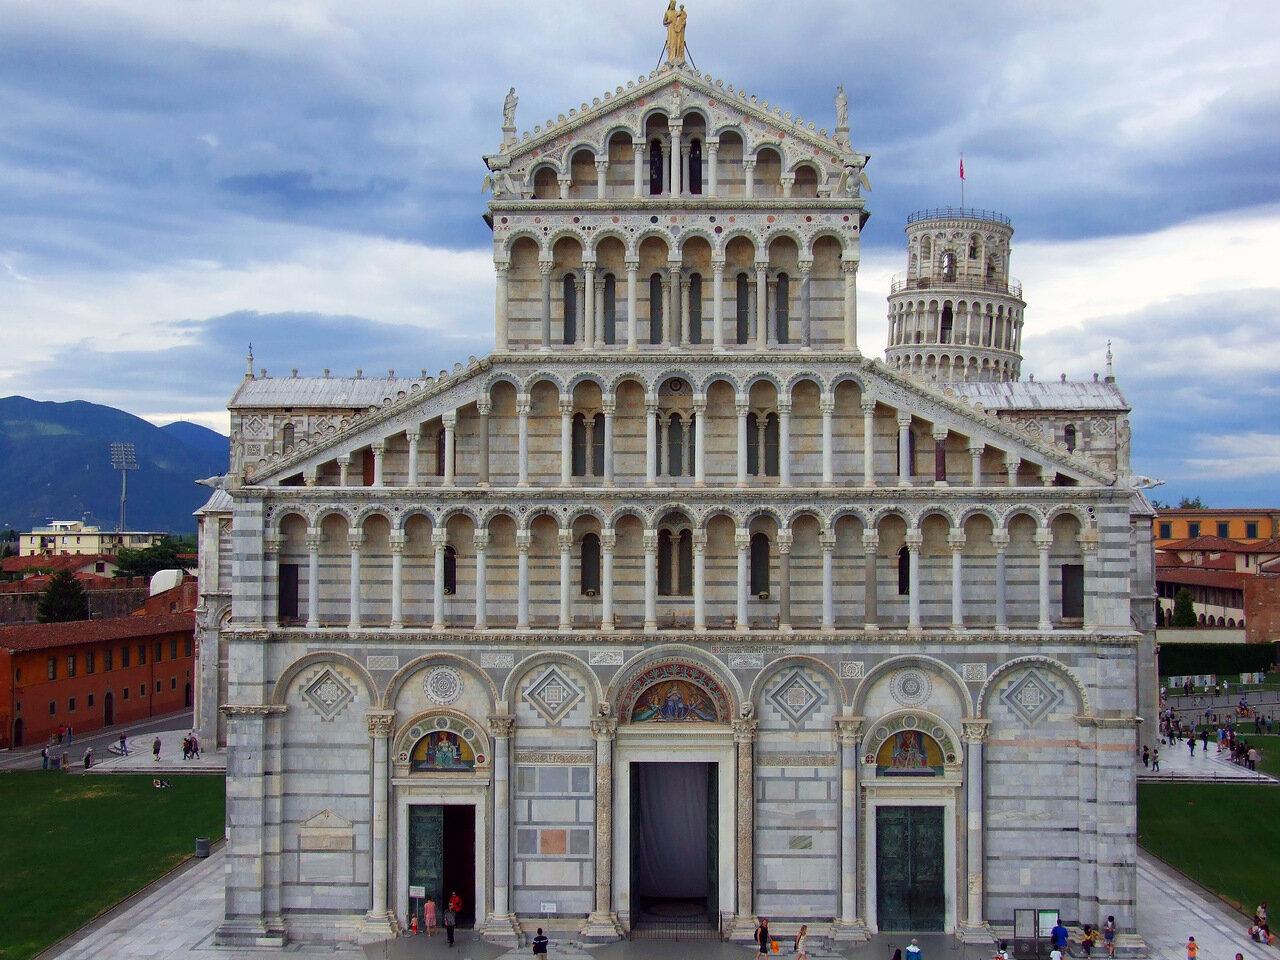 Пиза (Pisa). Поле чудес (Piazza dei Miracoli). Кафедральный Собор (Duomo di Santa Maria Assunta) и на заднем фоне падающая башня (Torre pendente di Pisa)